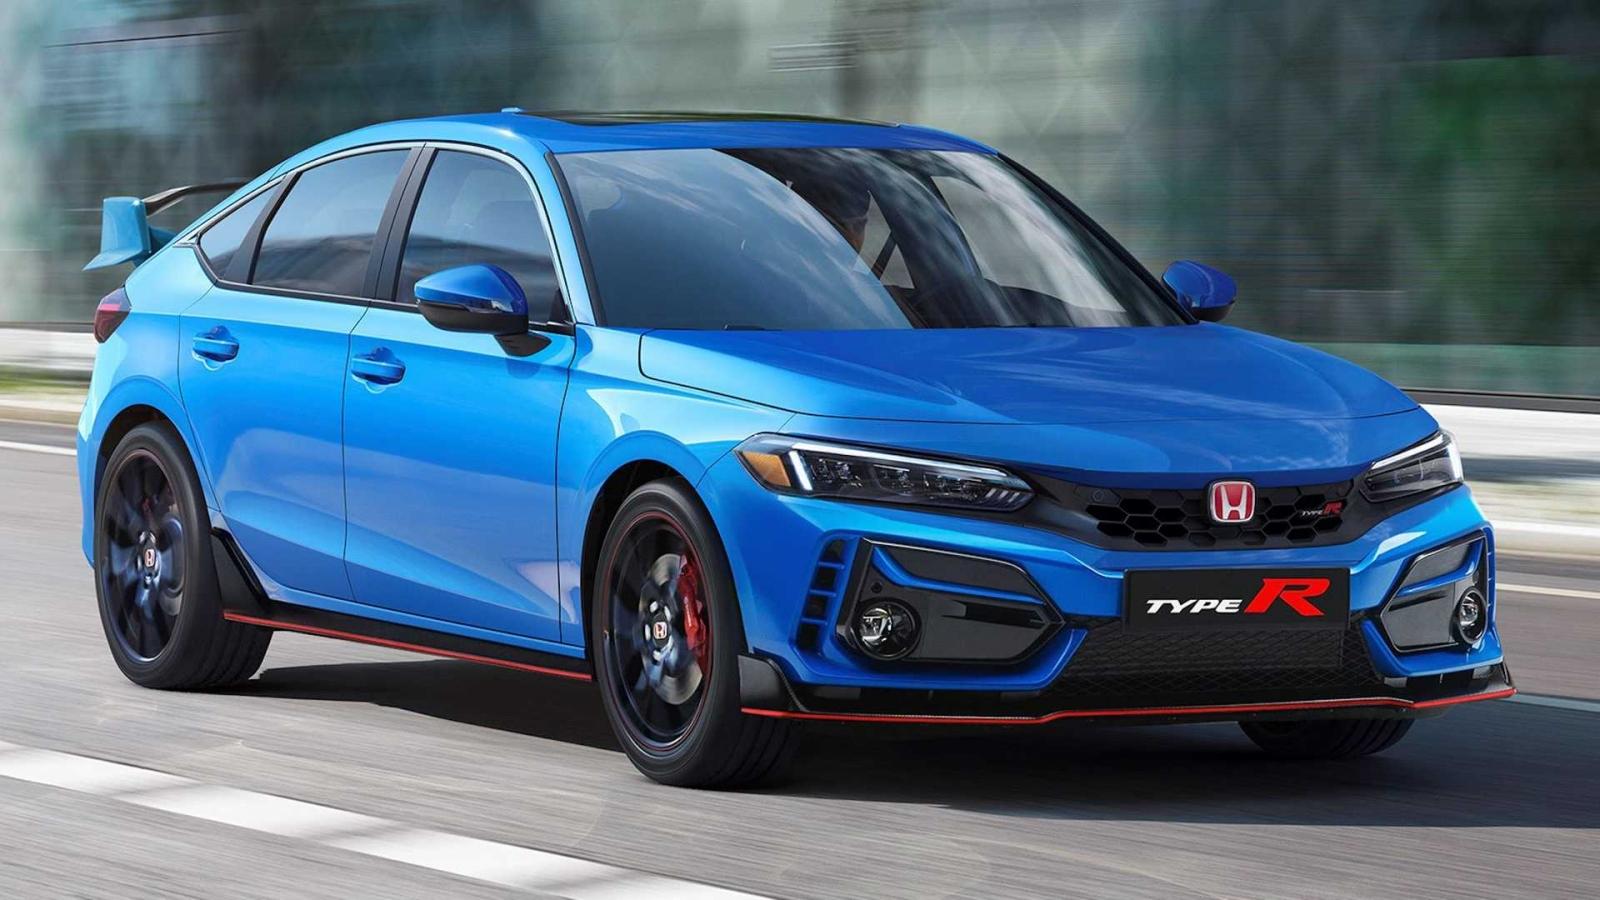 Hình ảnh mô phỏng Honda Civic Type R 2022